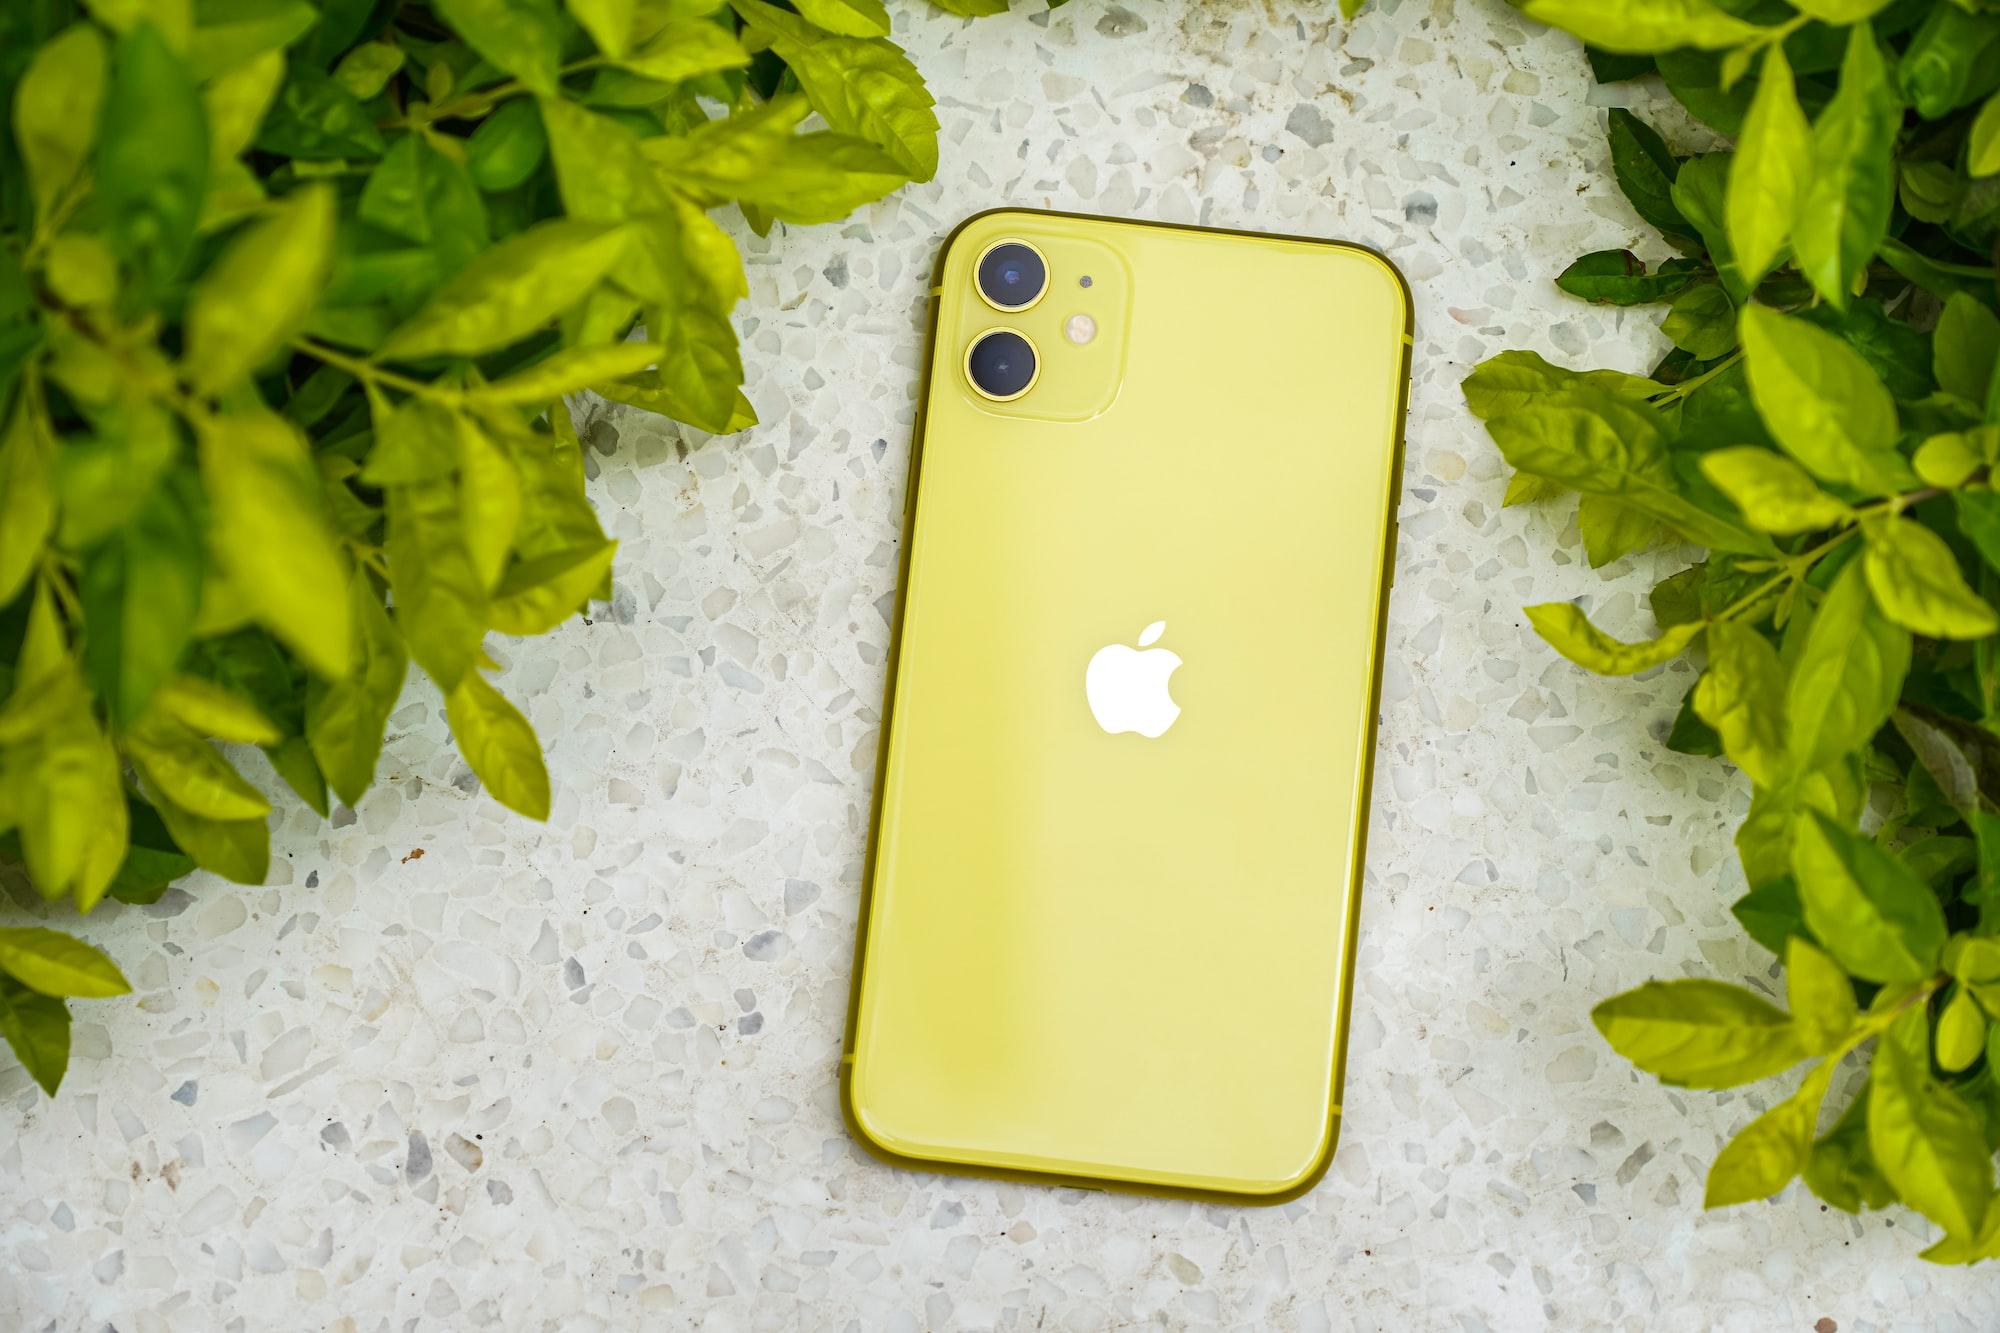 Problemas com o ecrã do teu iPhone 11? Sabe onde podes resolver